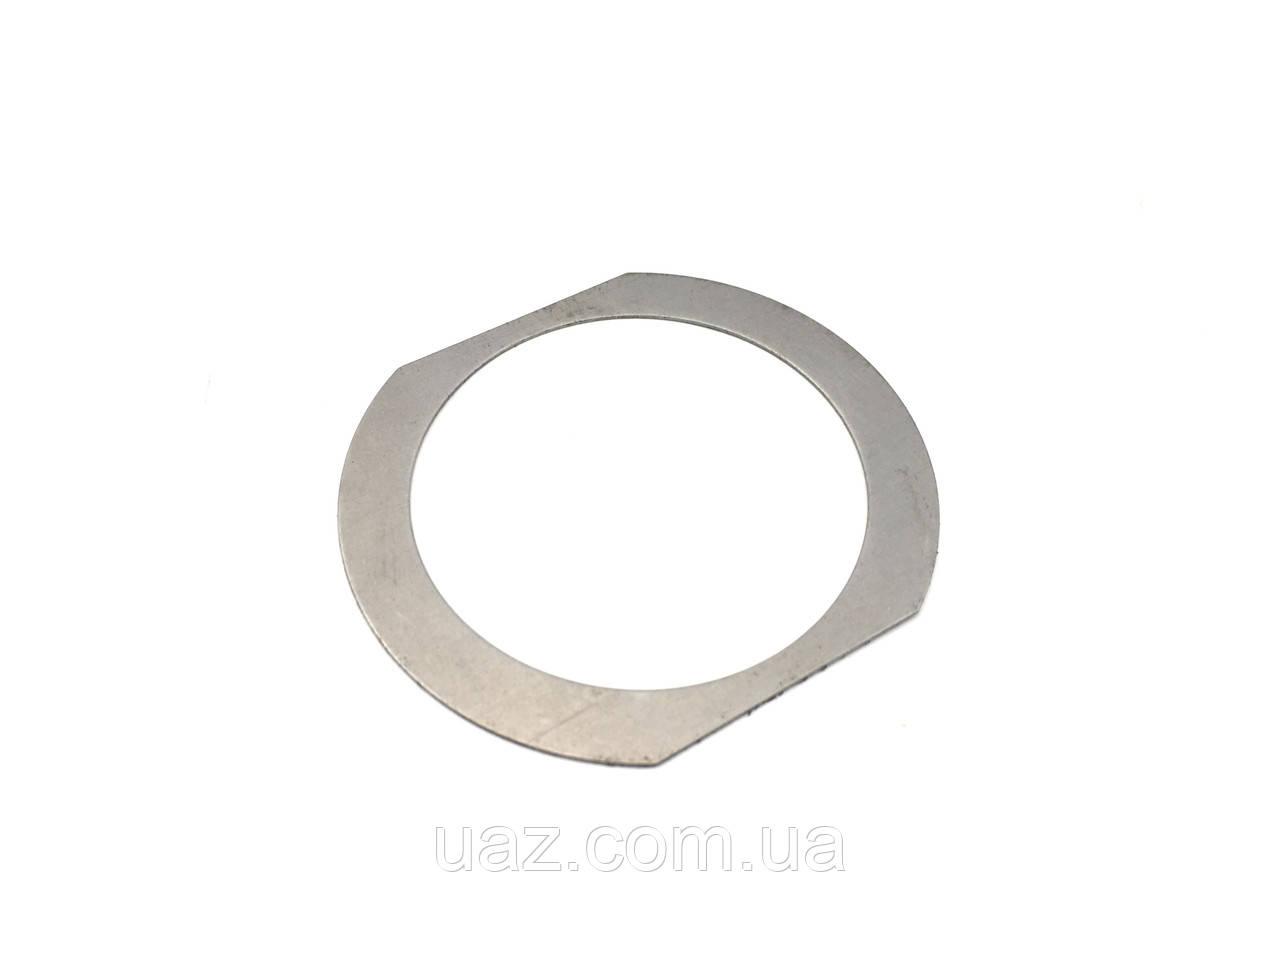 Шайба регулировочная дифференциала УАЗ (прокладка) 0,5 мм